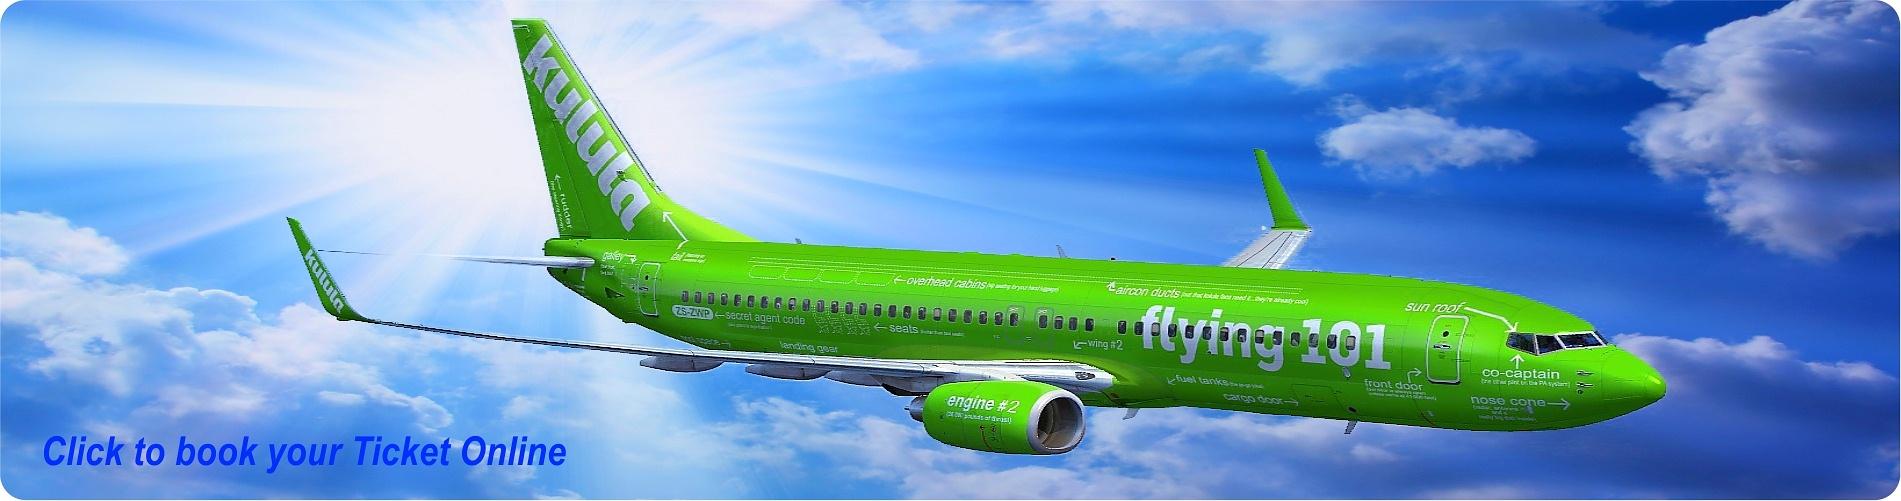 Kulua.com 737 Boeing